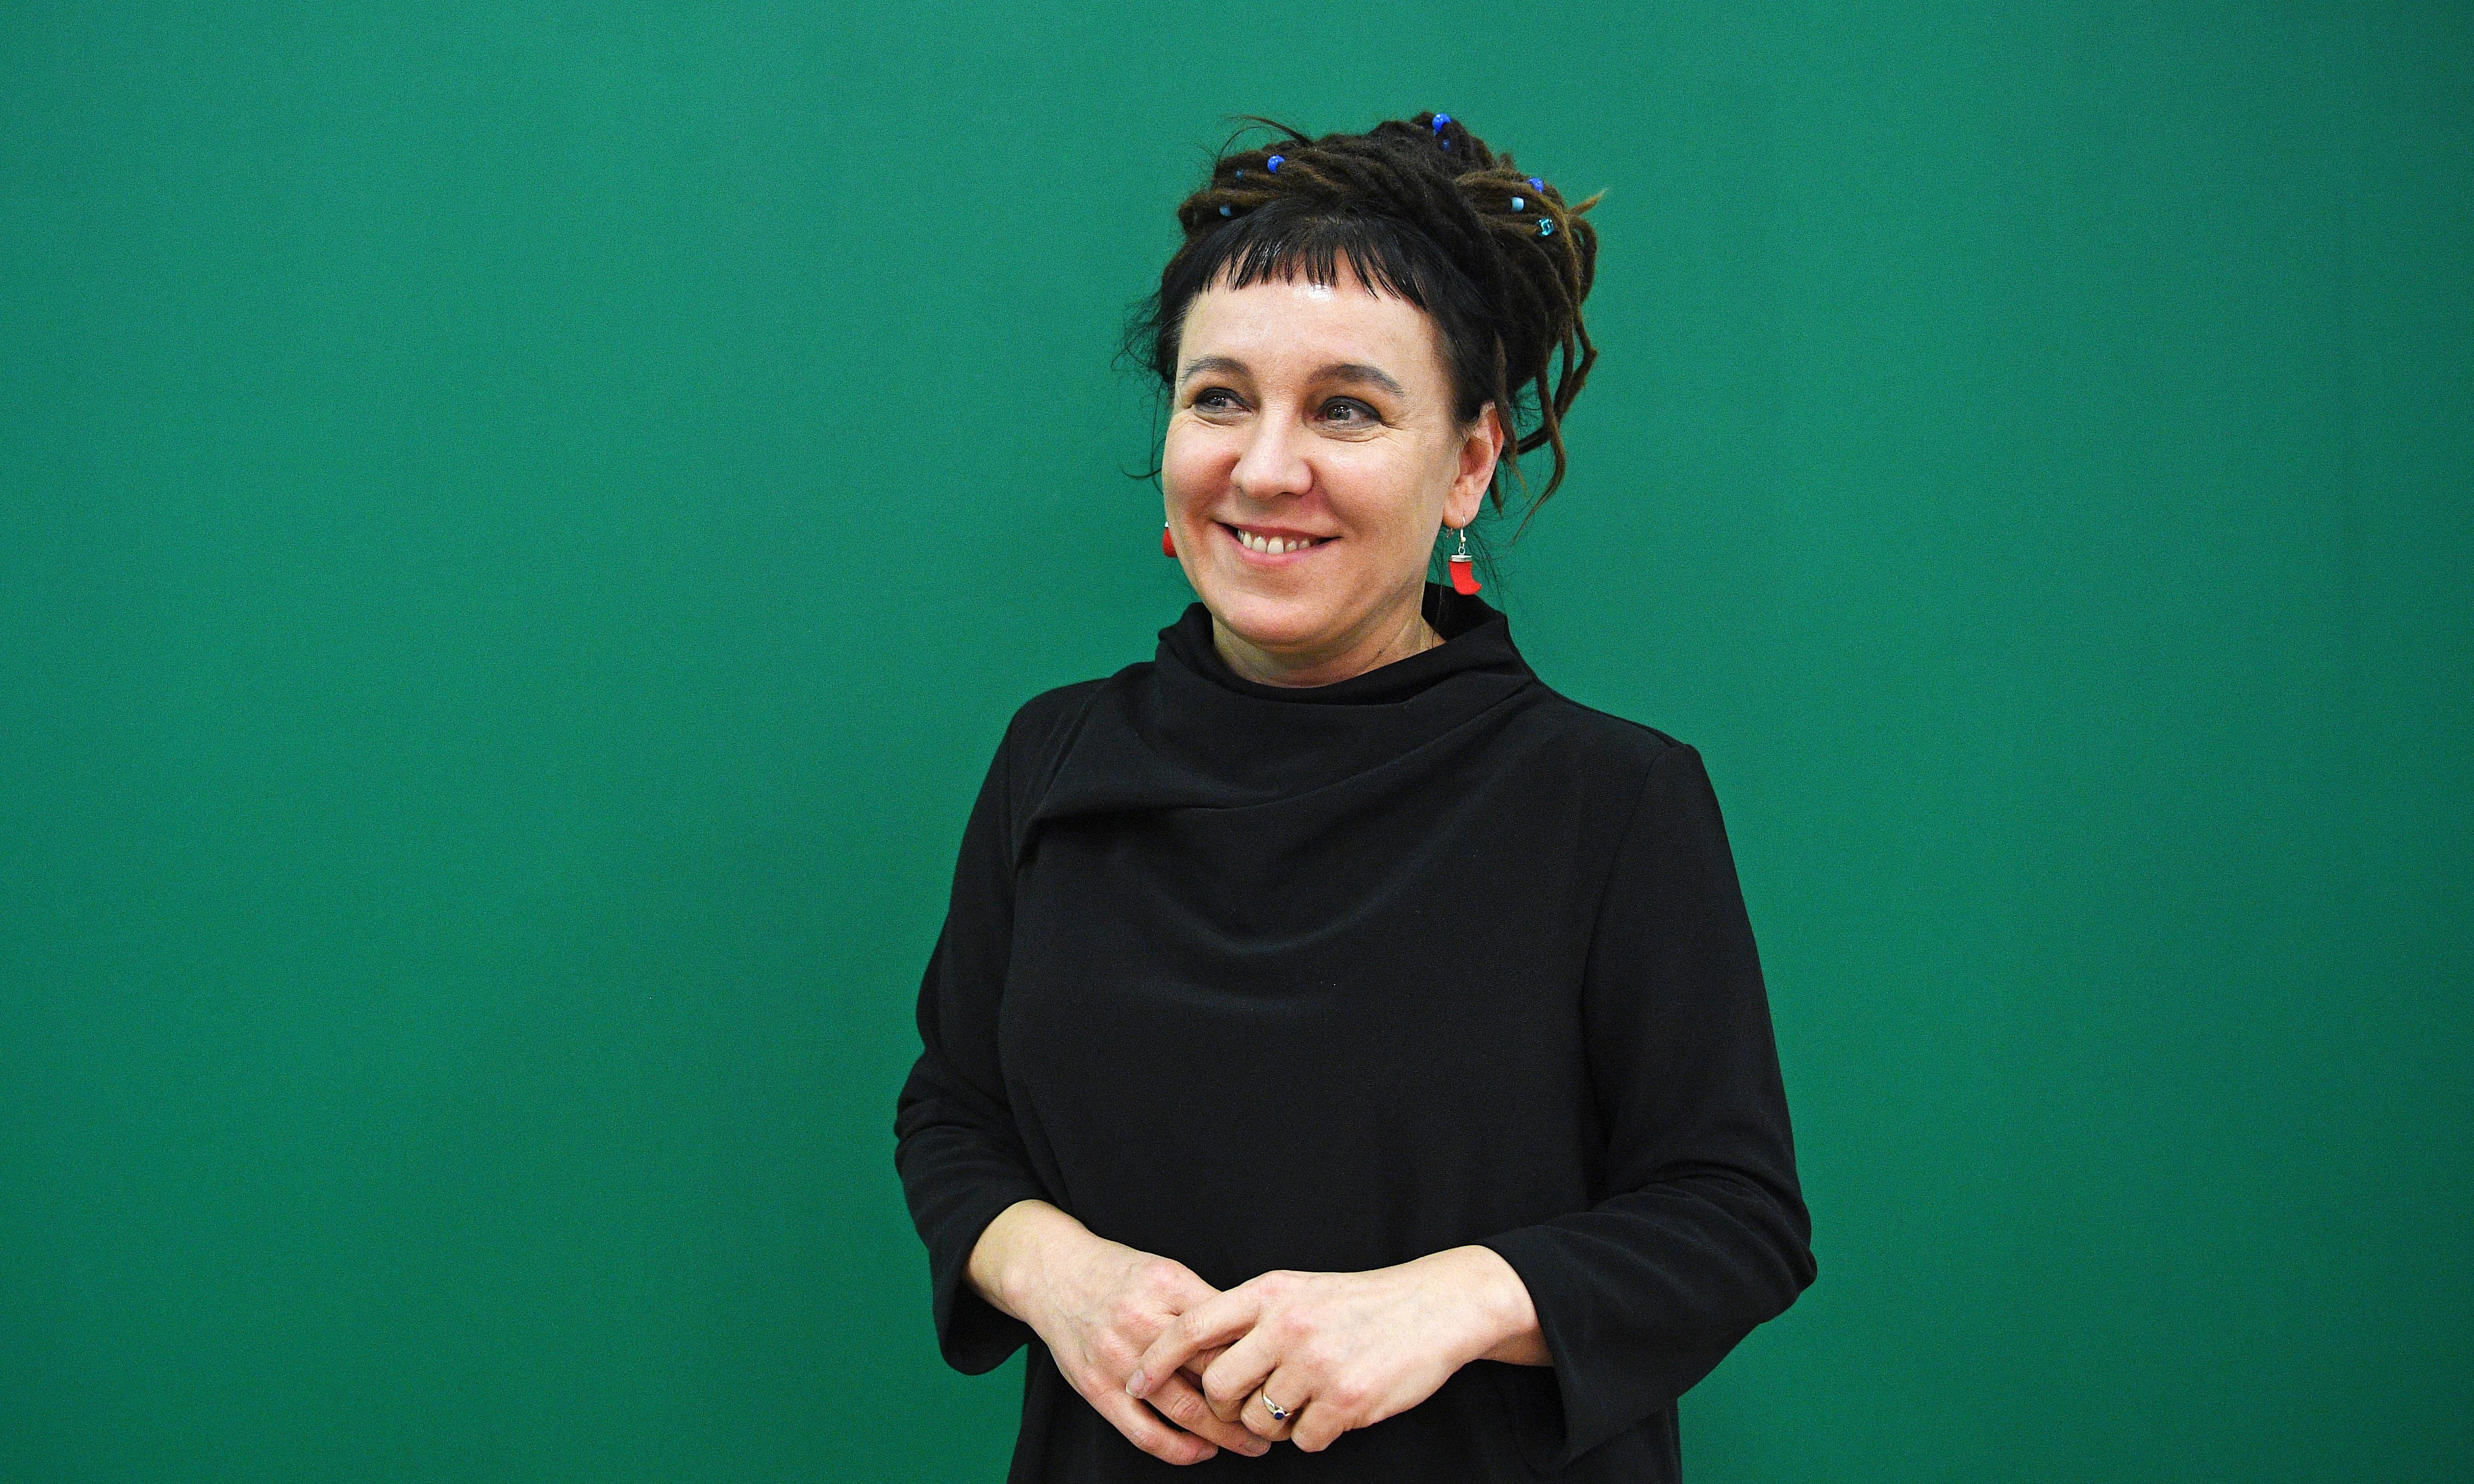 Olga Tokarczuk: the dreadlocked feminist winner the Nobel needed